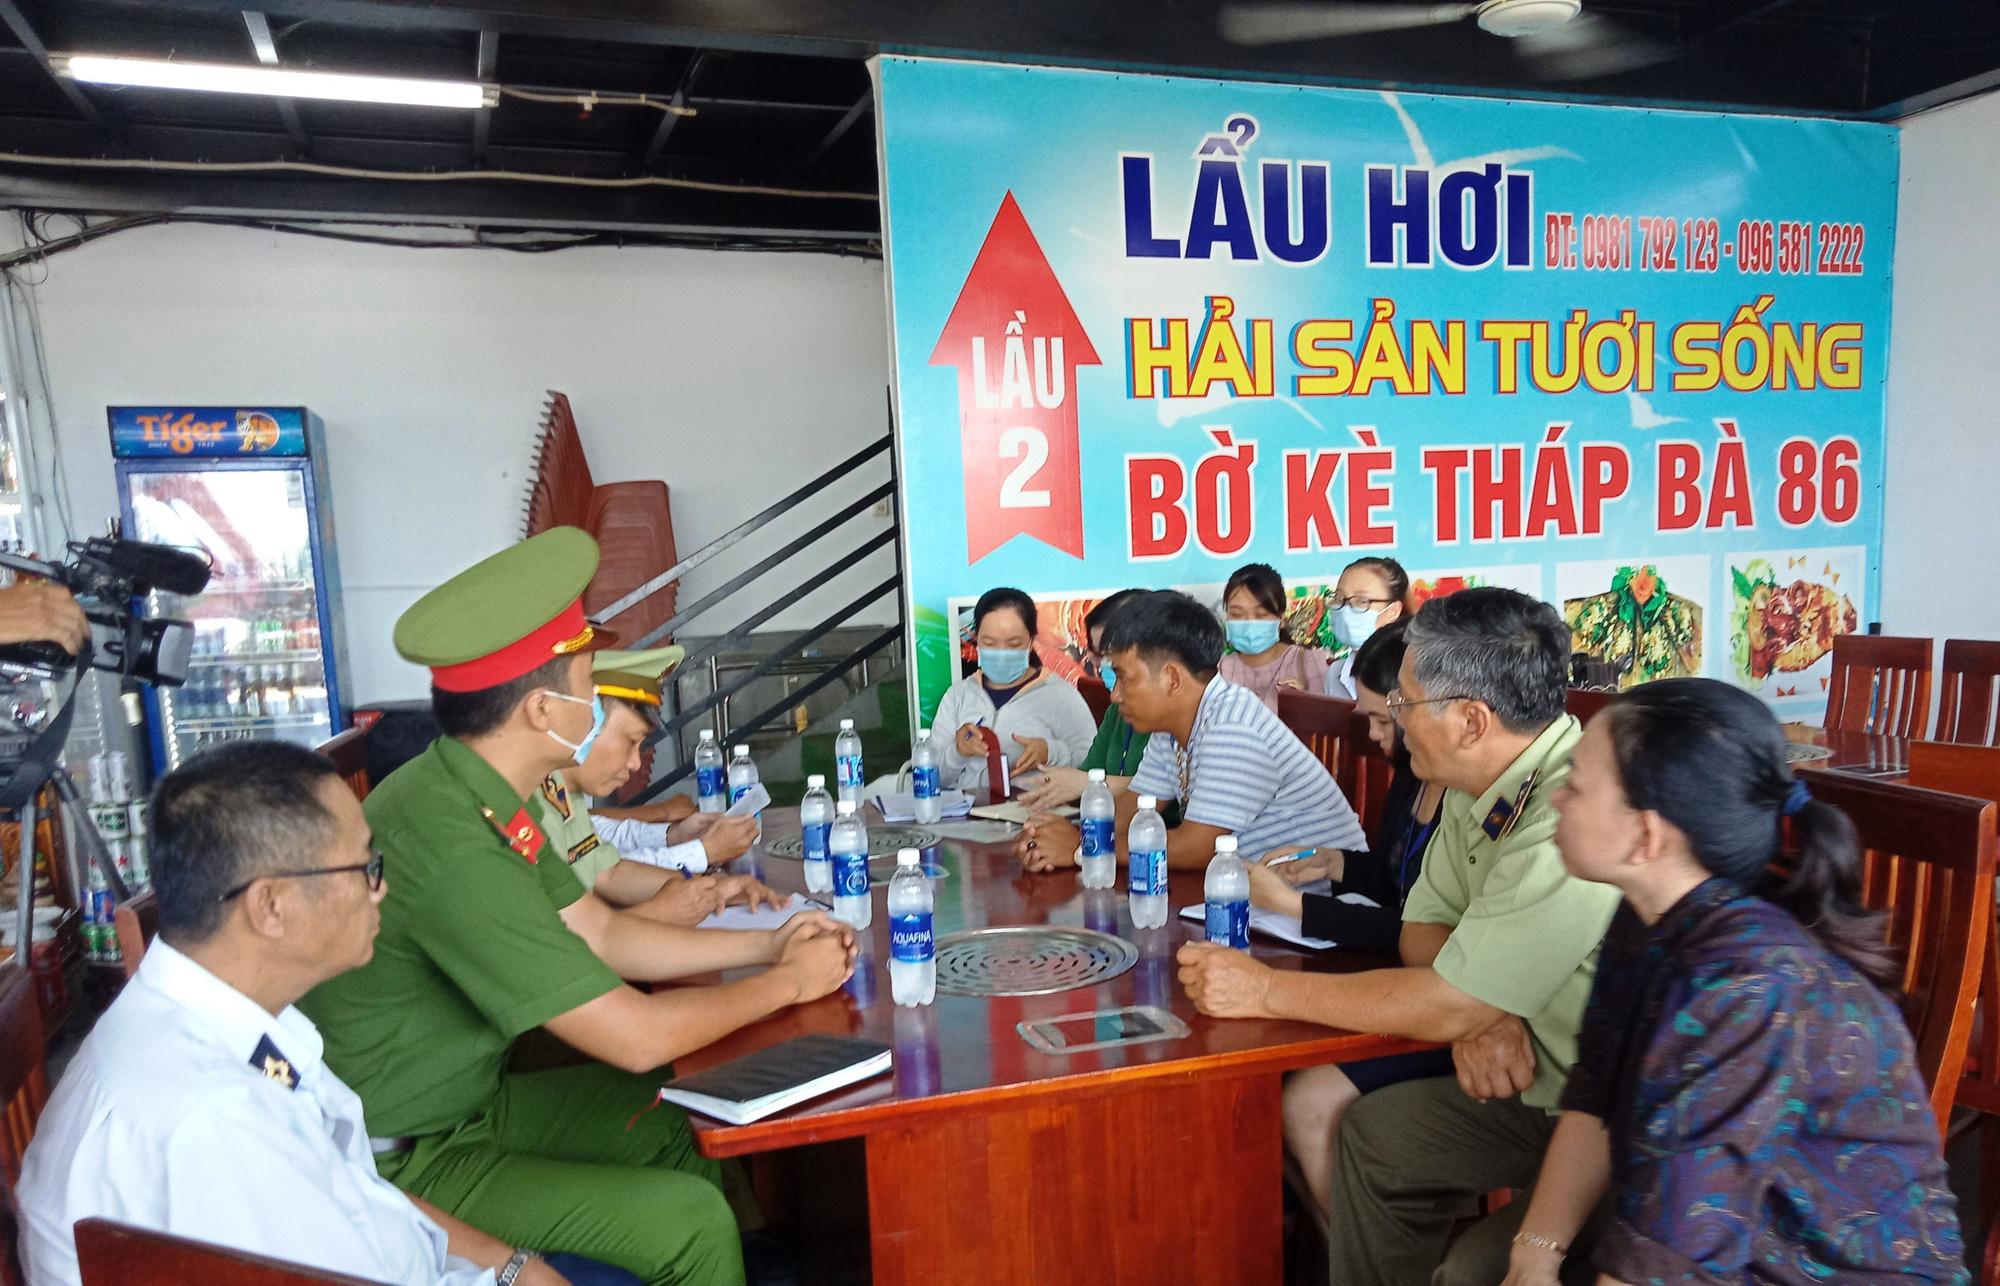 Bán giá tôm hùm 3,5 triệu đồng/kg, một nhà hàng tại Nha Trang bị phạt - Ảnh 2.